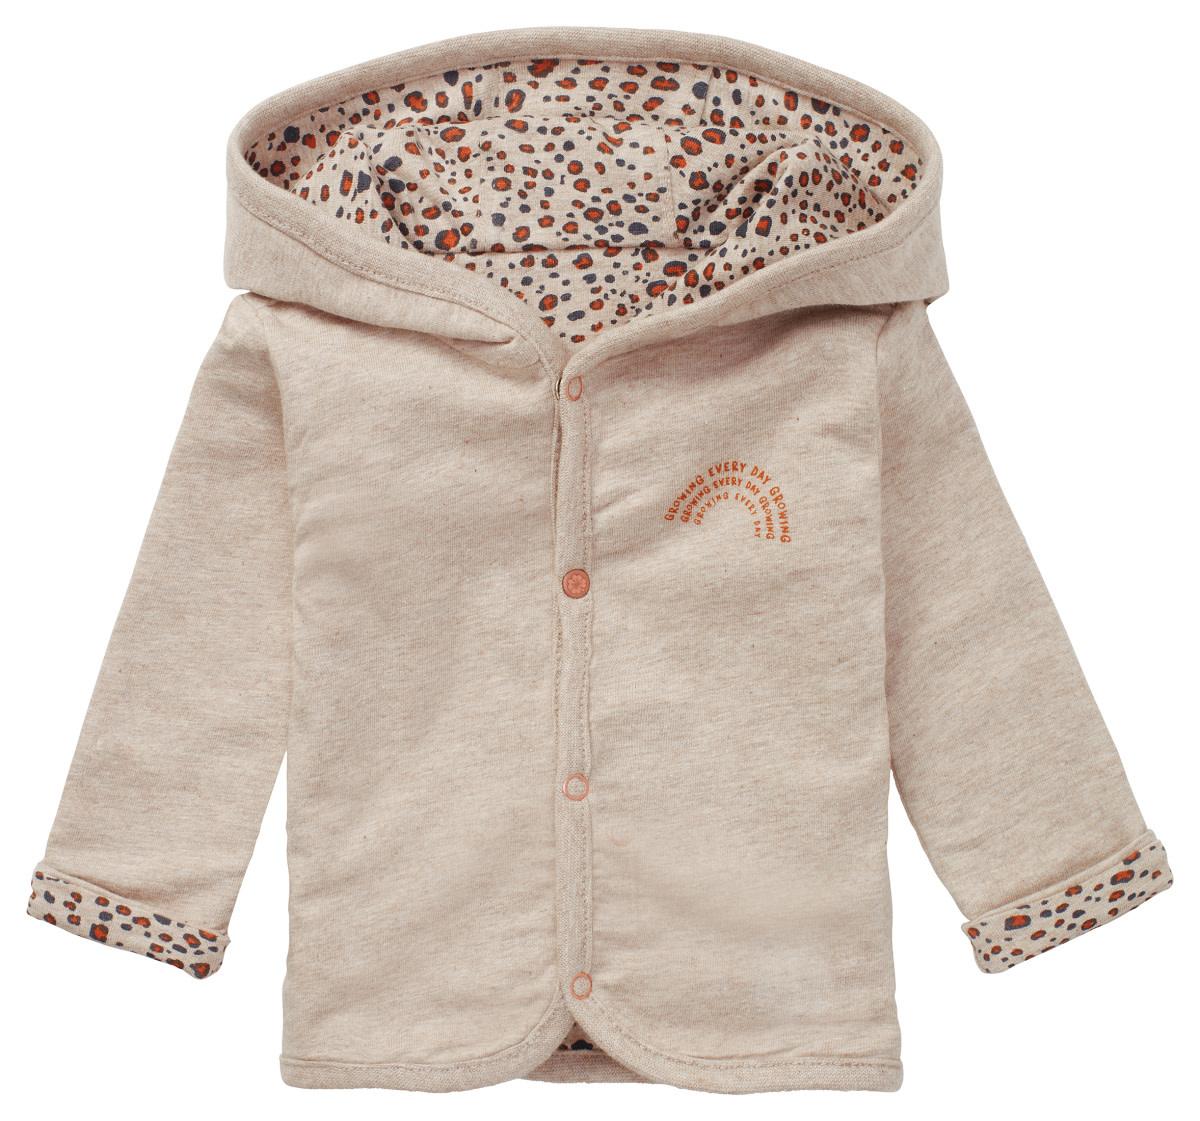 Smethwick Reversible Jacket